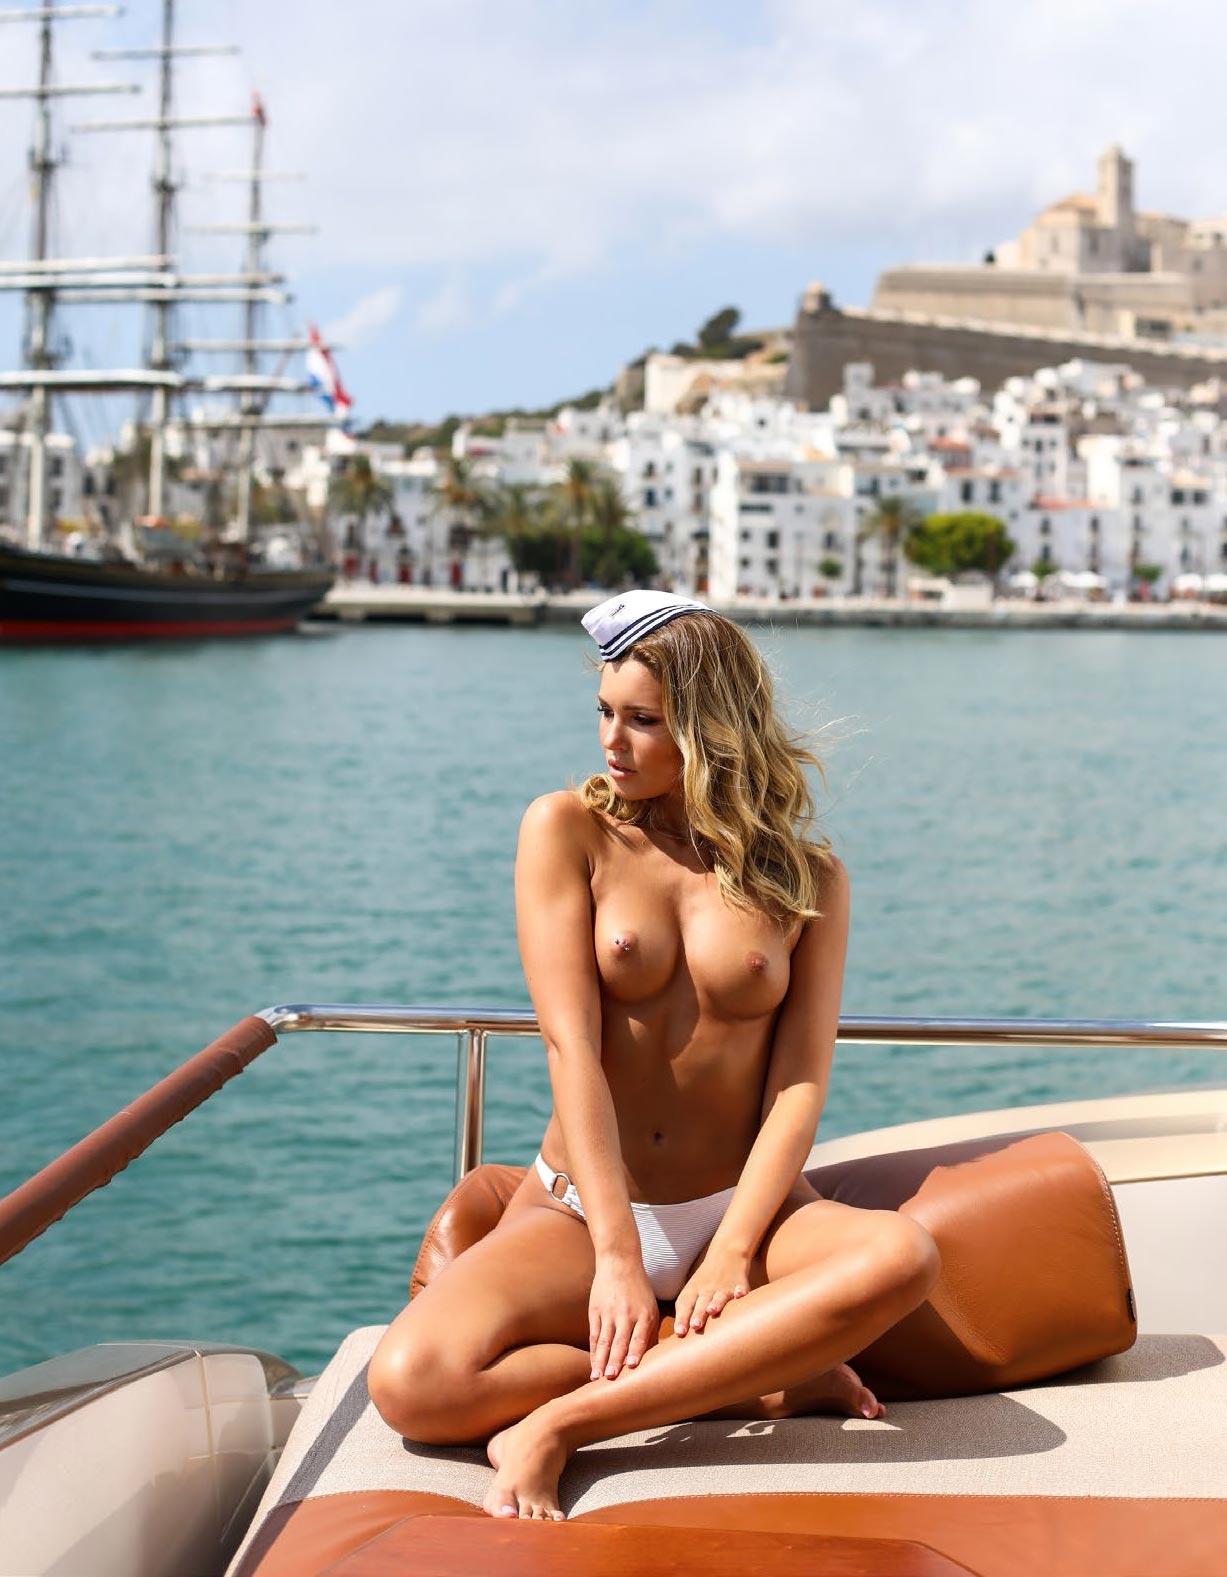 Софи Имельманн в спецвыпуске журнала Playboy -Девушки летом- / фото 02